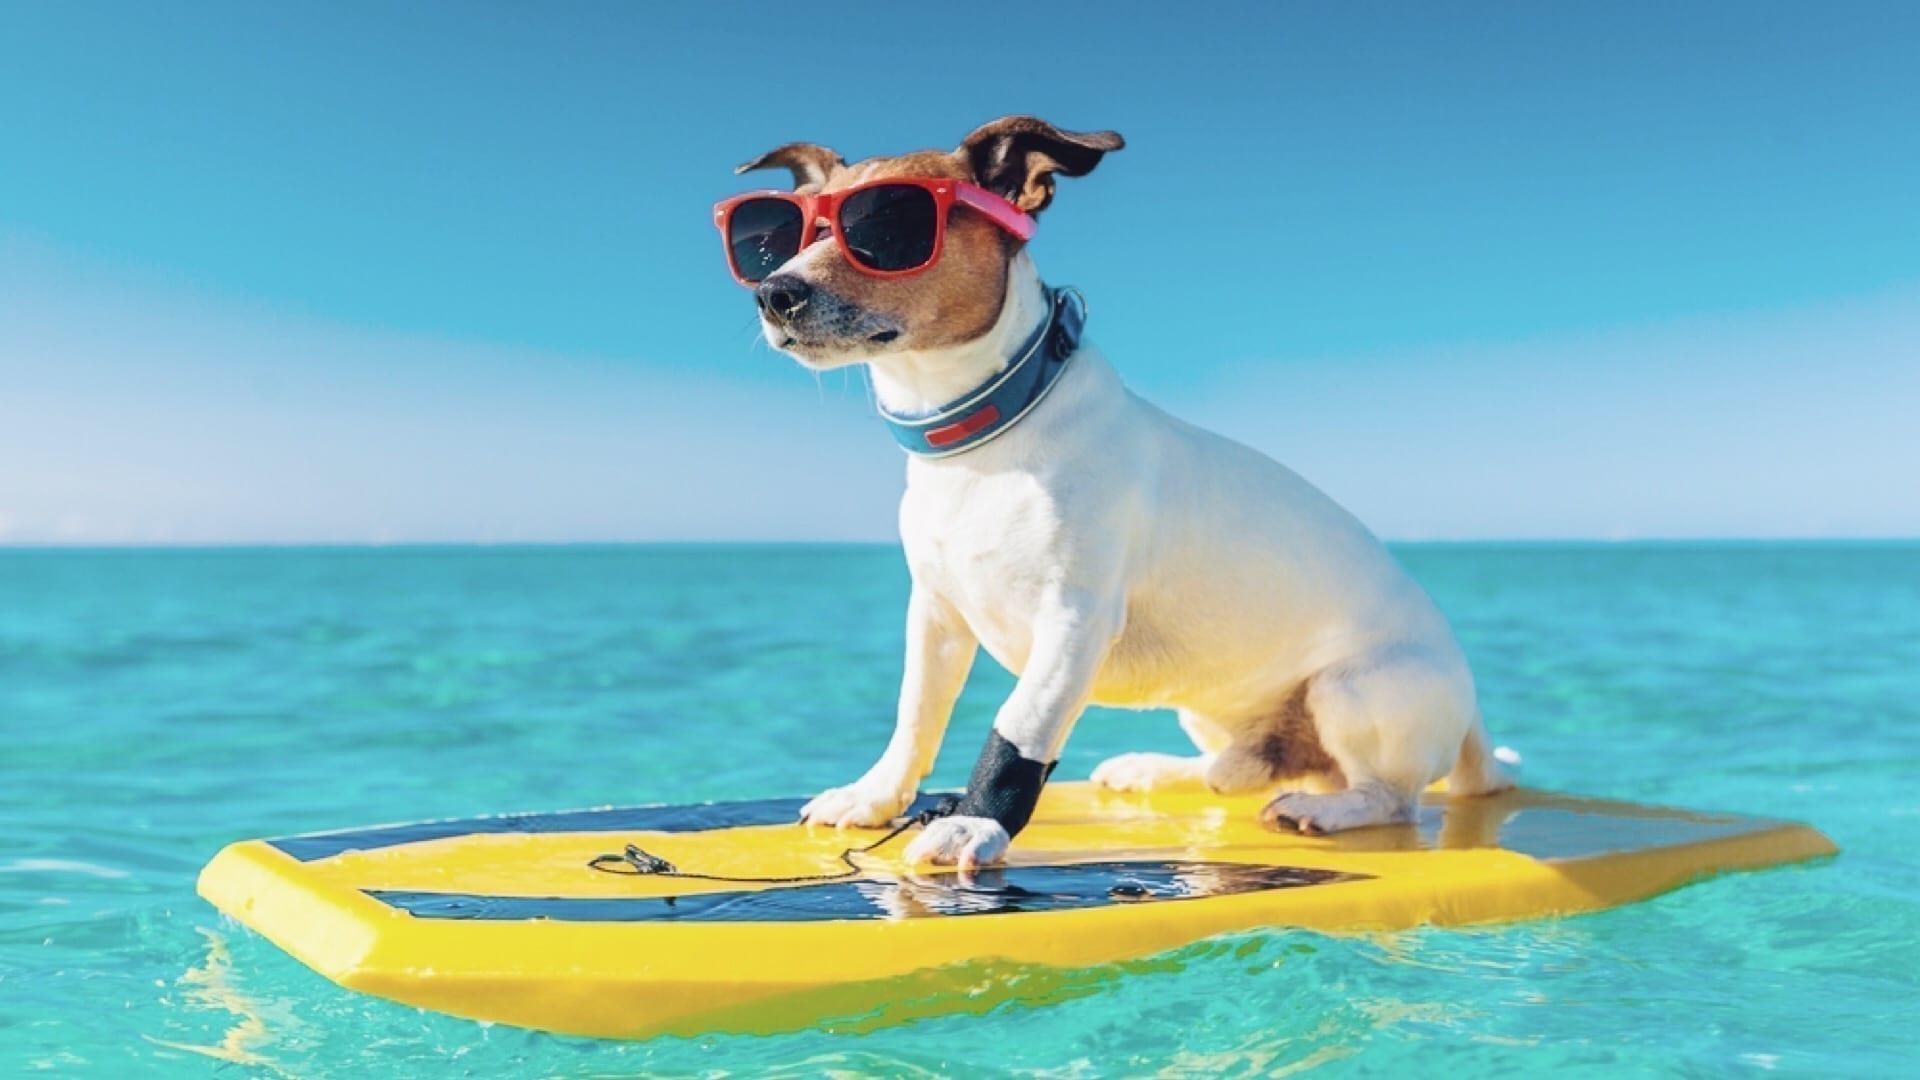 οδηγος για ενα ξενοιαστο καλοκαιρι με το σκυλο σου